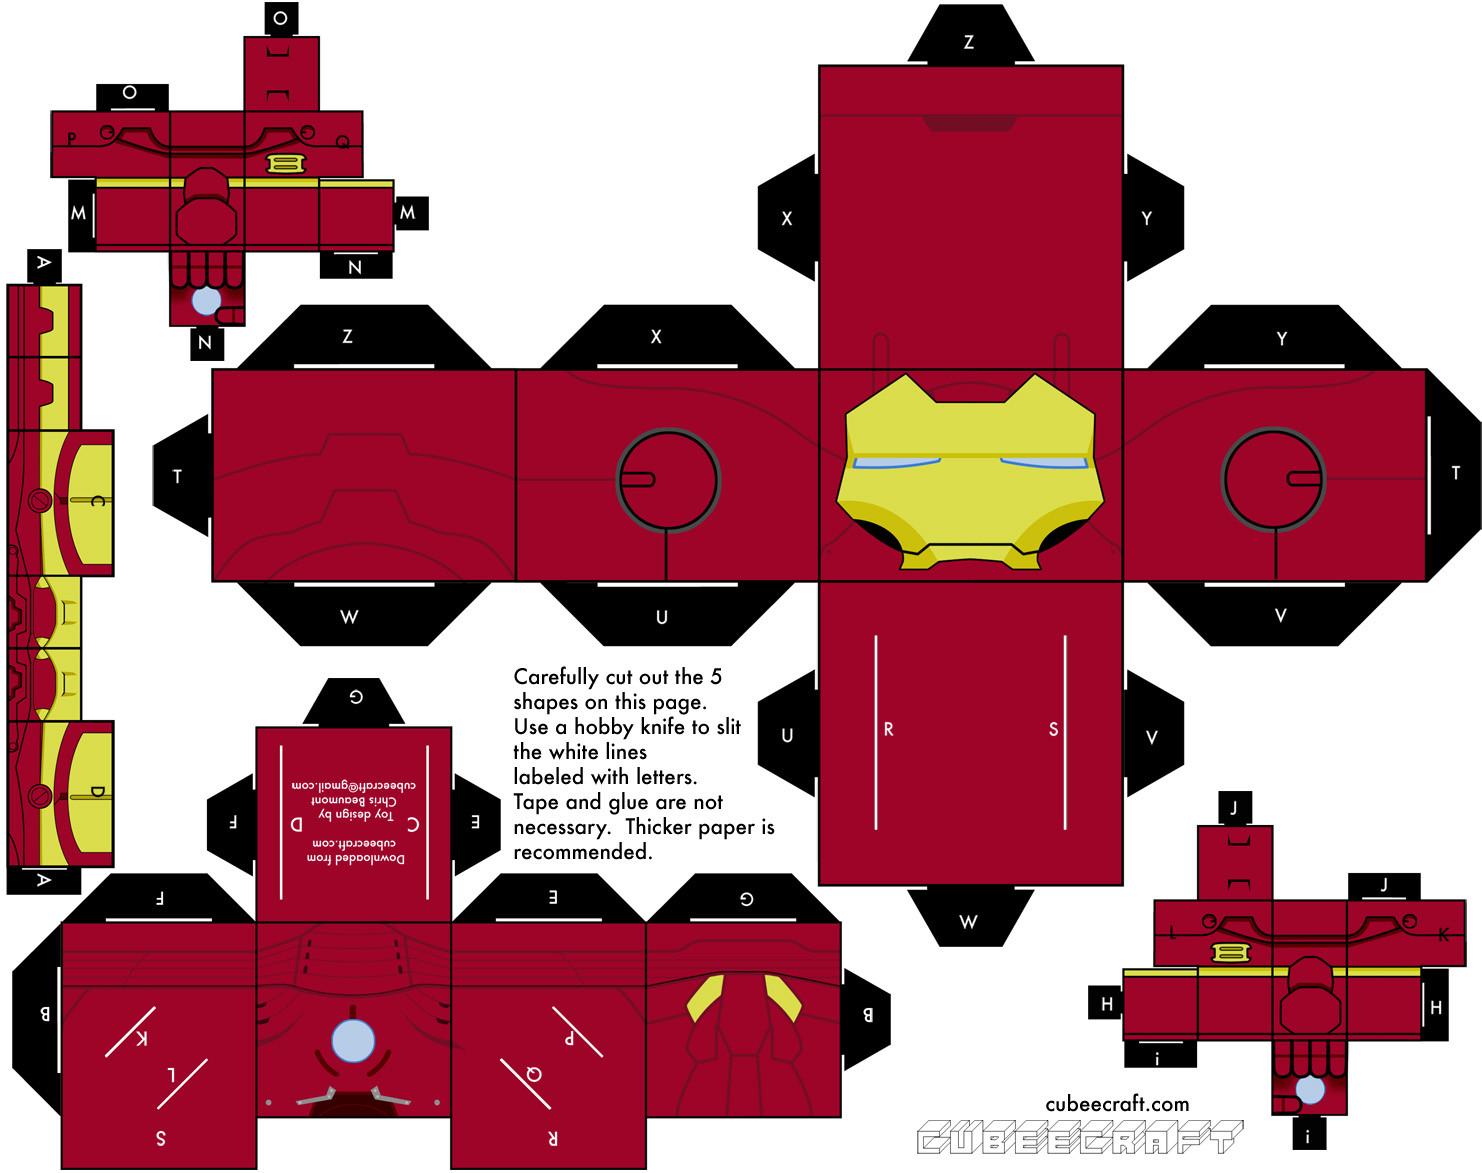 cubeecraftt mas de 100 personajes armables entra! by tuxilia